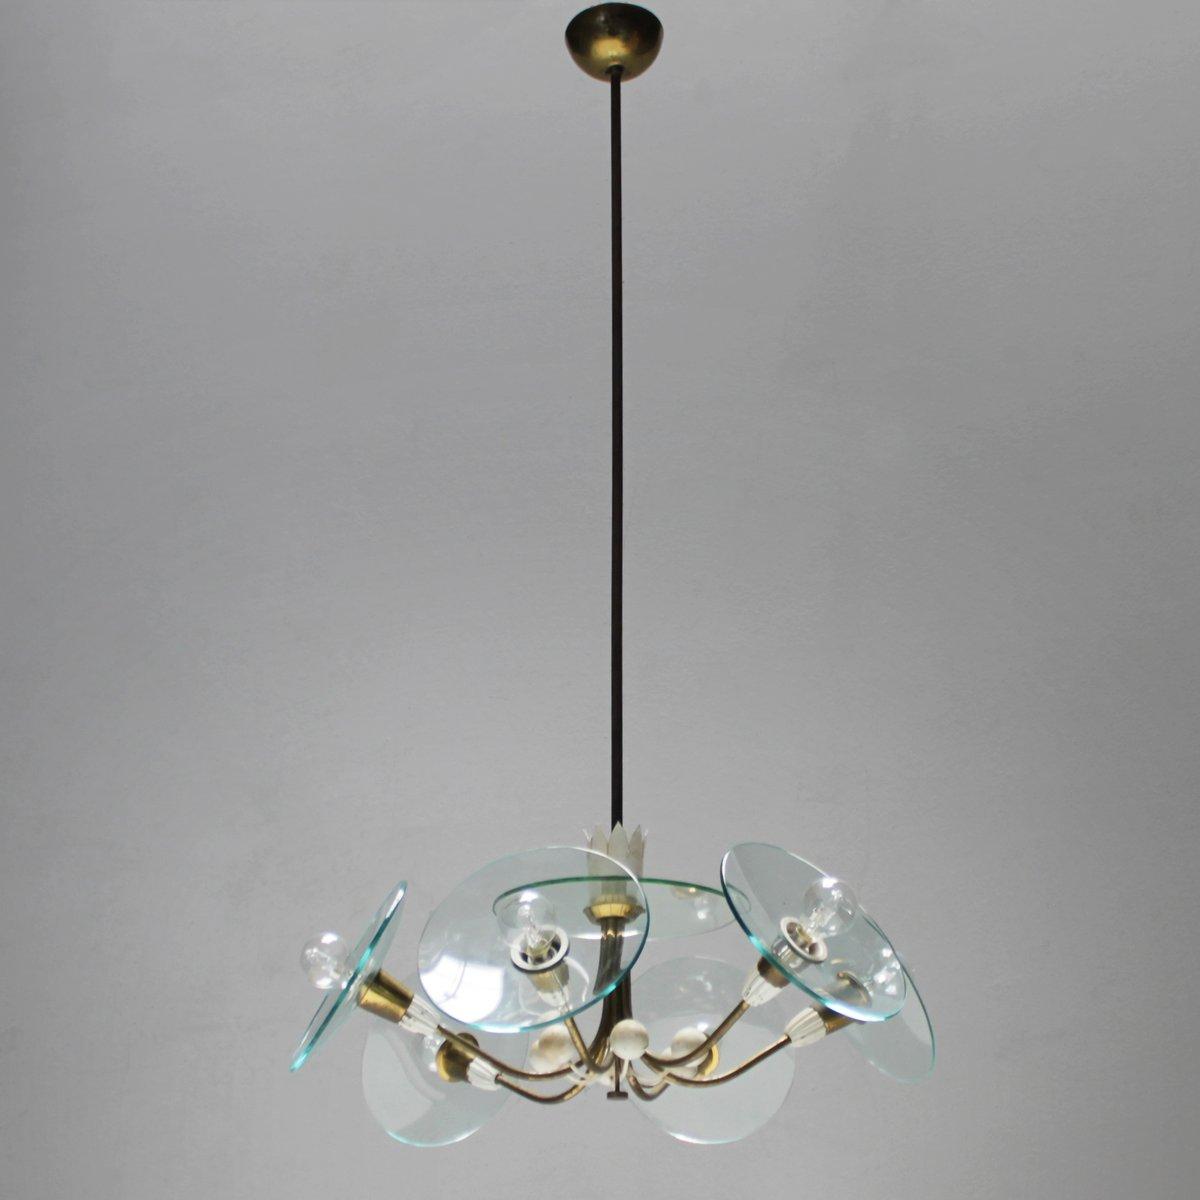 vintage kronleuchter von pietro chiesa f r fontana arte bei pamono kaufen. Black Bedroom Furniture Sets. Home Design Ideas